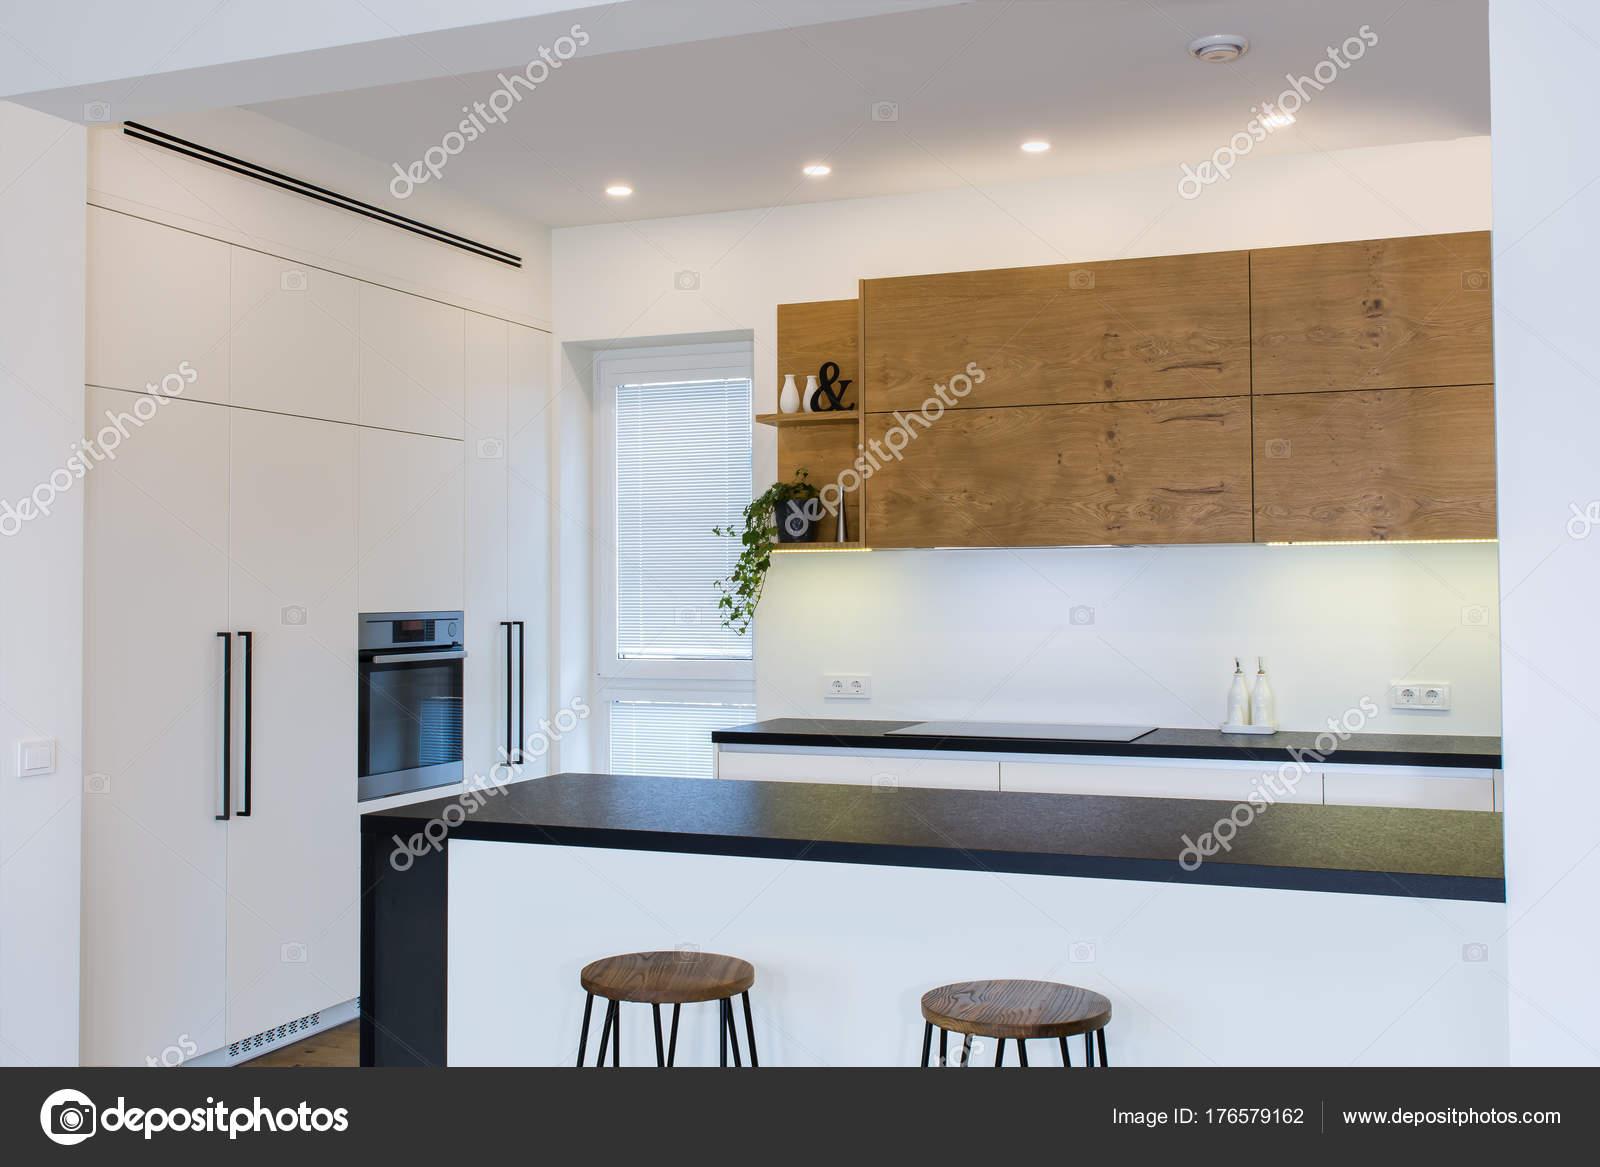 redesigning a kitchen with pantry cabinet 现代厨房设计在轻的内部与木口音房间里还有一个厨房半岛厨房和客厅结合 现代厨房设计在轻的内部与木口音房间里还有一个厨房